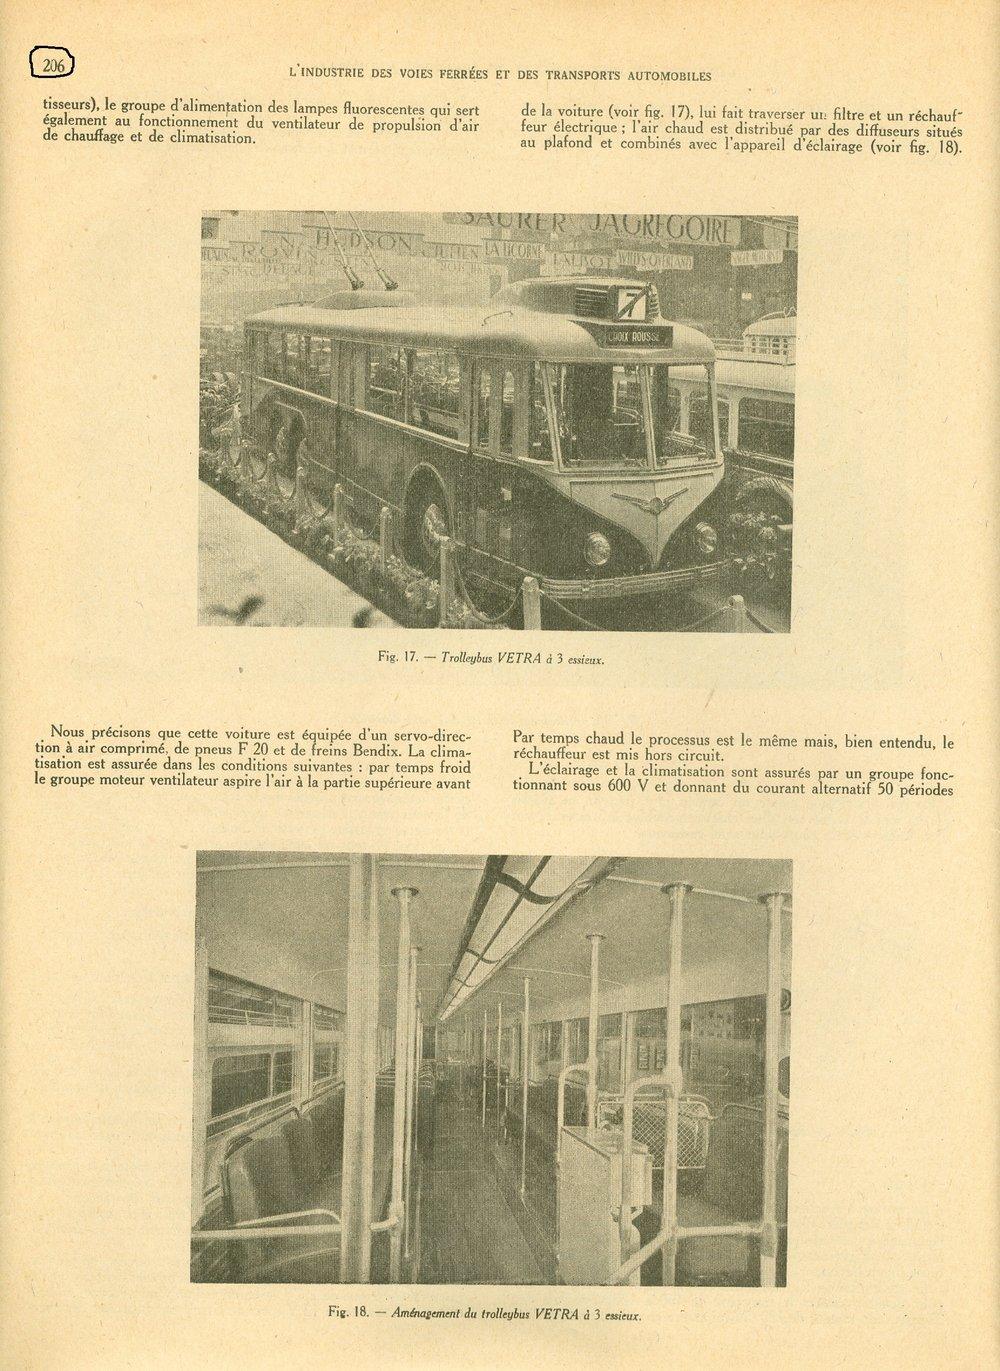 Časopis Union des Voies Ferrées et des Transports Automobiles  přinesl v jednom ze svých vydání z roku 1947 informaci o Pařížském autosalonu konaném onoho roku a na ní proběhlé prezentaci nového typu trolejbusu VA3, který se však dočkal sériové výroby až v 50. letech. (zdroj: sbírka Jeana Capoliniho)